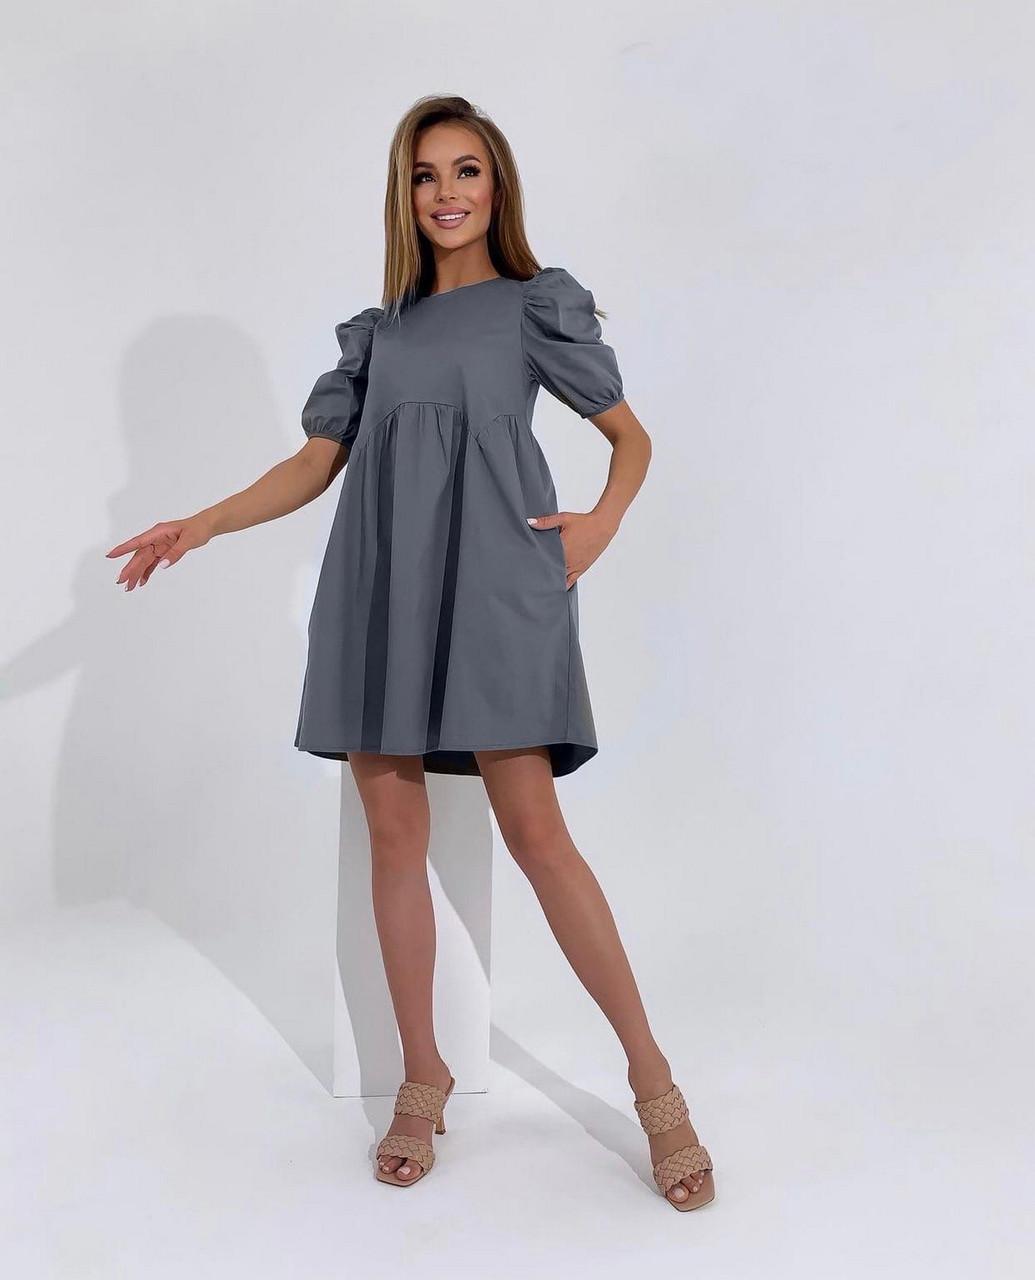 Платье женское с коротким рукавом из коттона с завышенной талией, 01017 (Графитовый), Размер 42 (S)